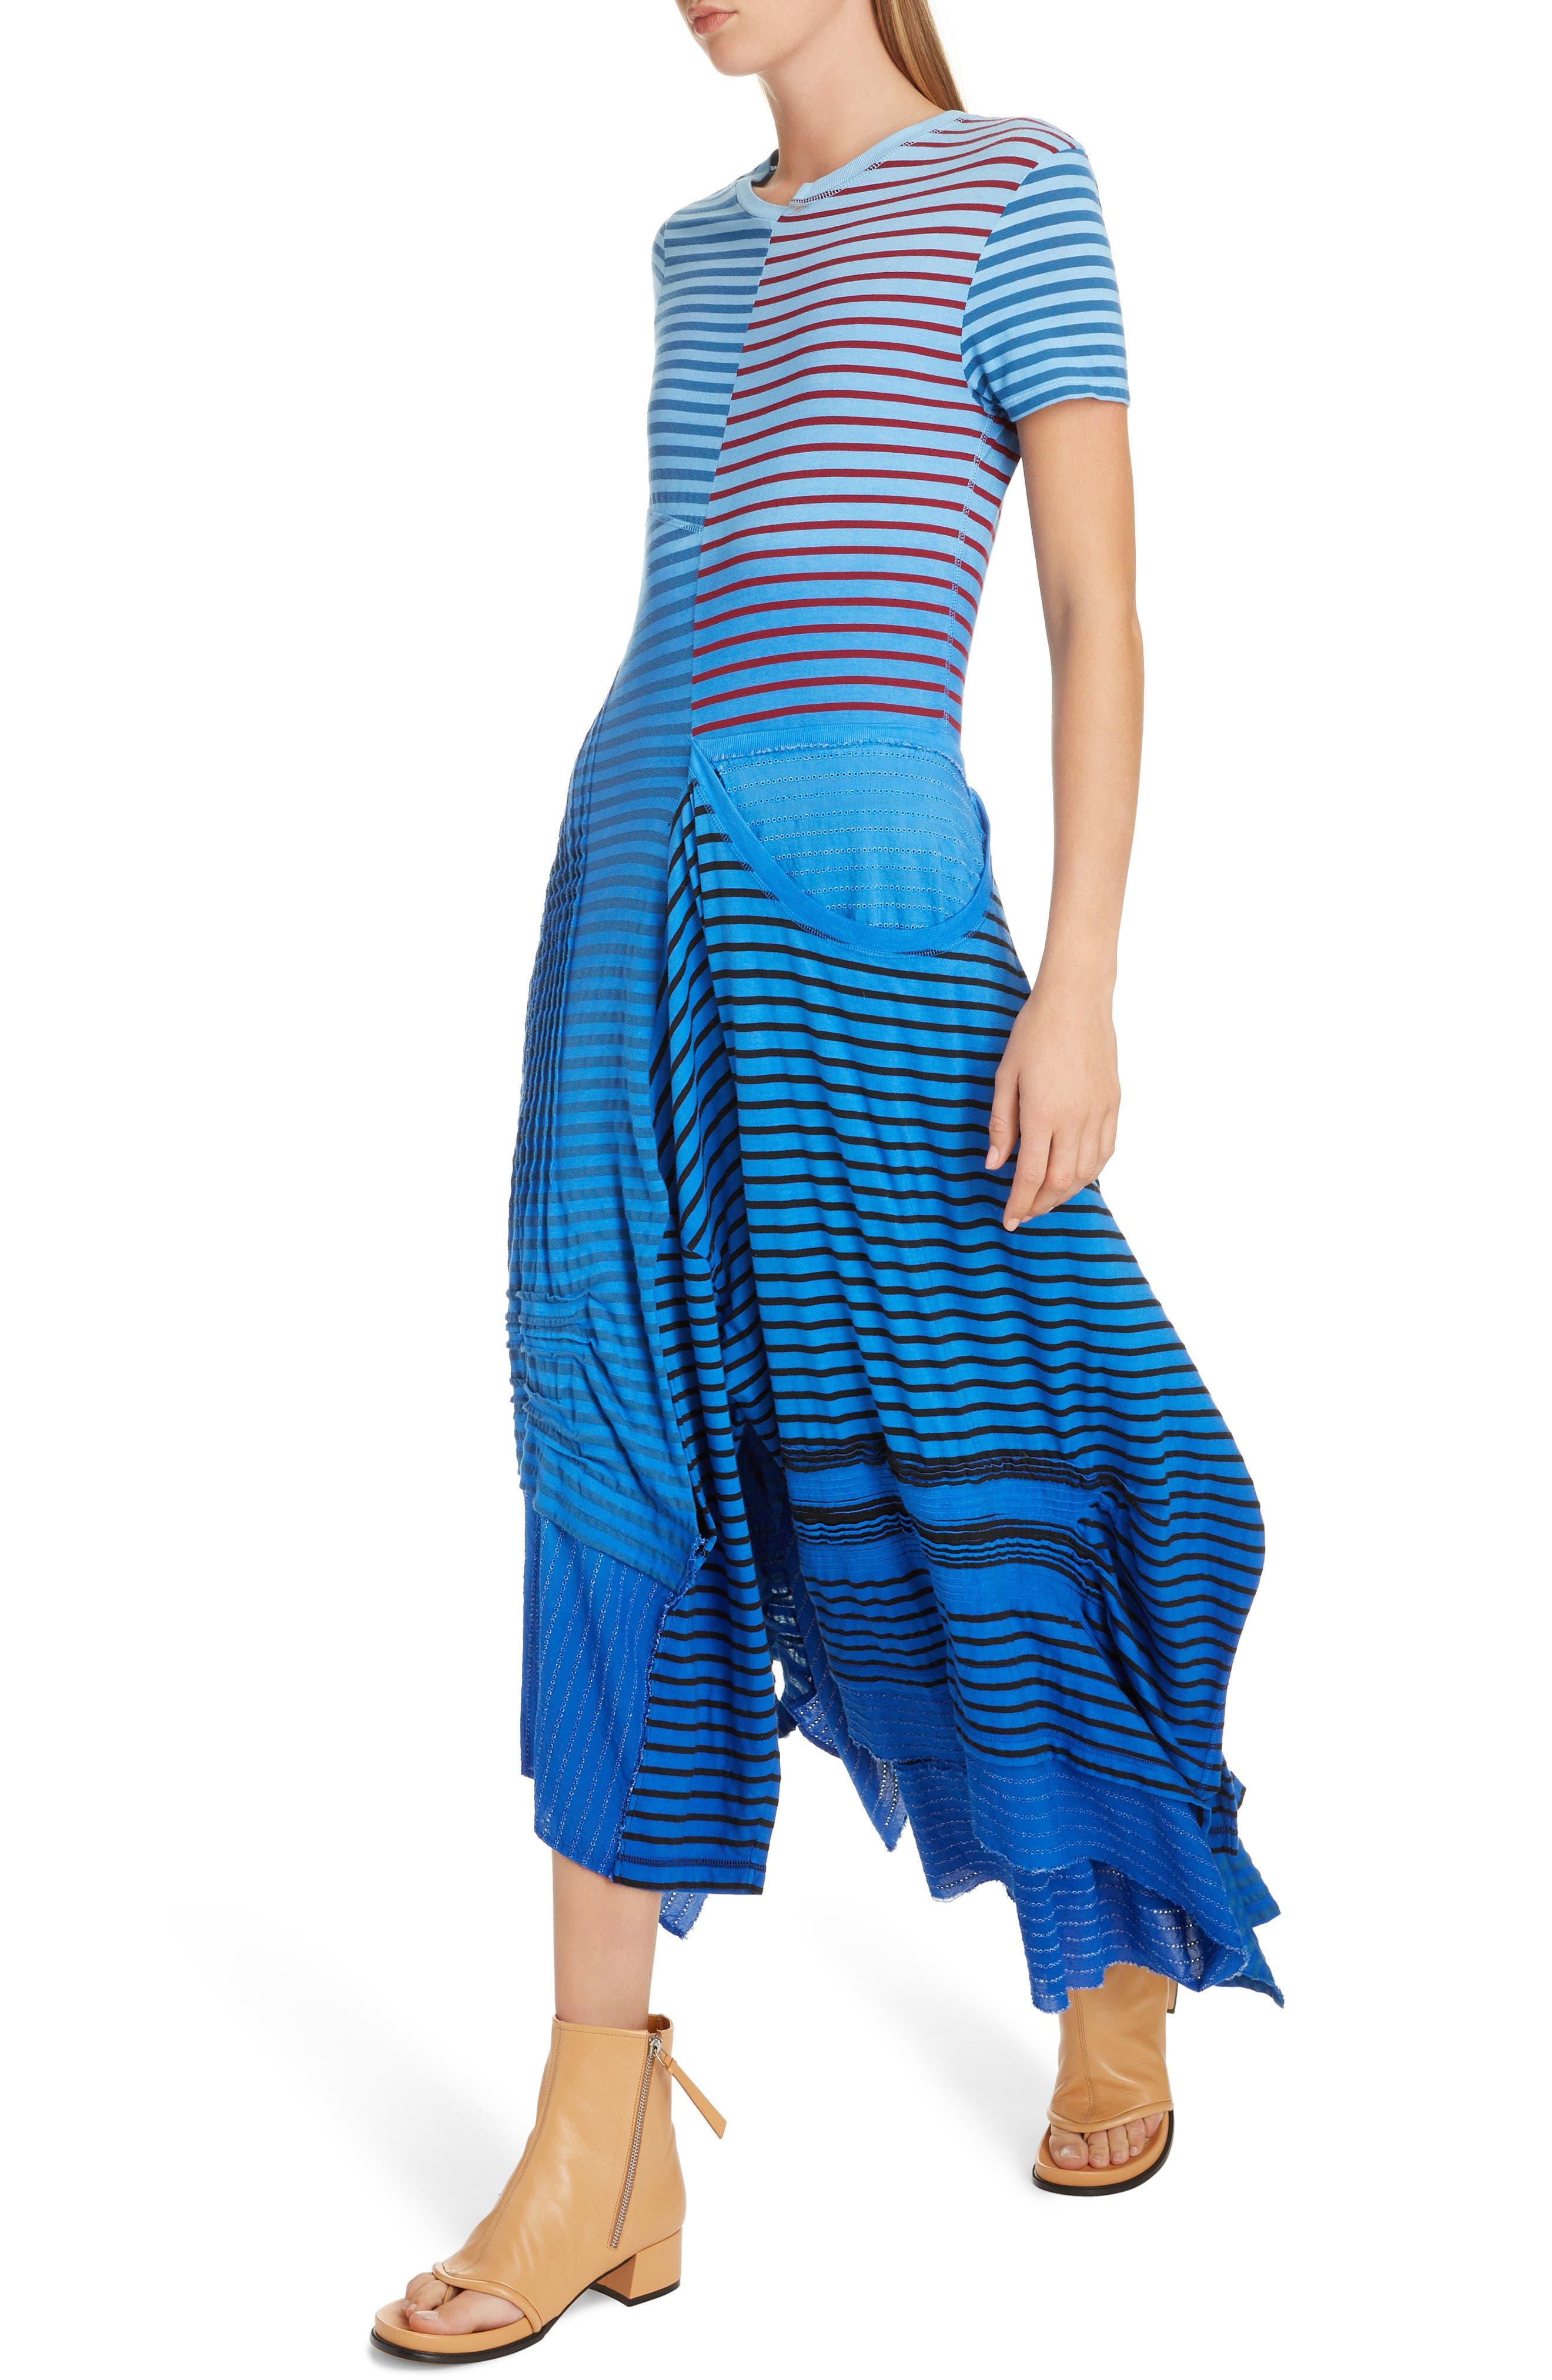 LOEWE,                             Stripe Tie Dye Asymmetrical Dress,                             Alternate thumbnail 4, color,                             5100 BLUE